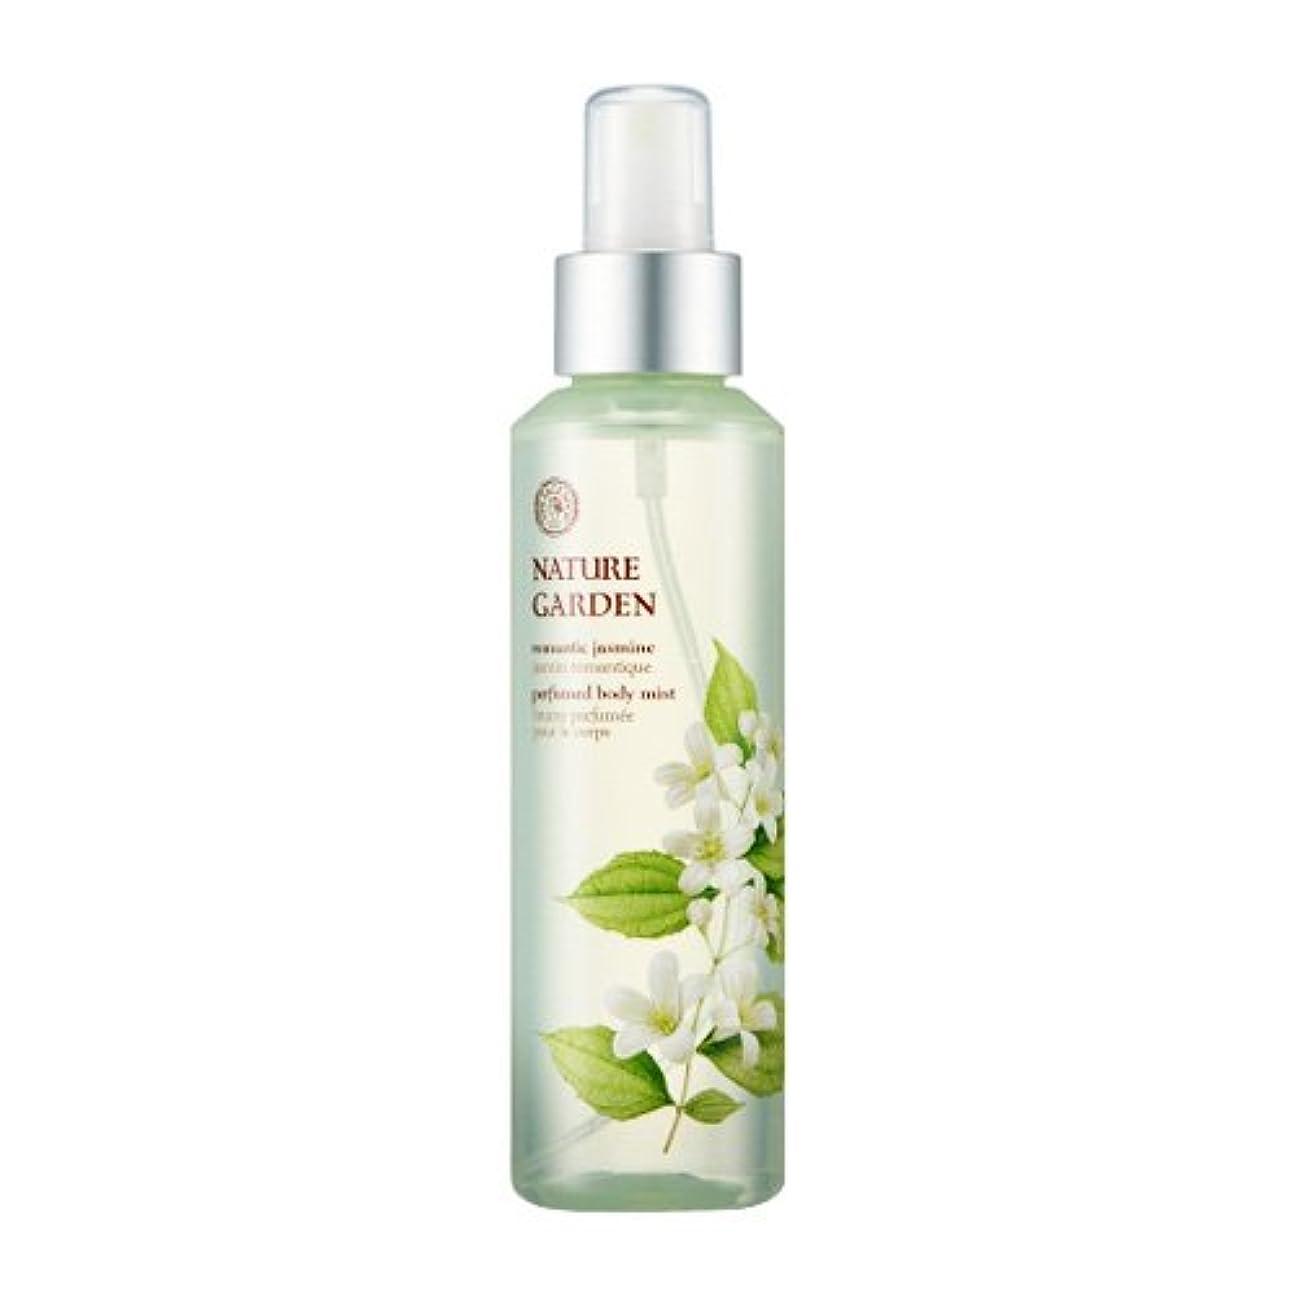 ウェーハ金銭的ラフ睡眠THE FACE SHOP NATURE GARDEN (Romantic Jasmine) Perfume Body Mist / ザ?フェイスショップ ネイチャーガーデン パフューム ボディミスト [並行輸入品]